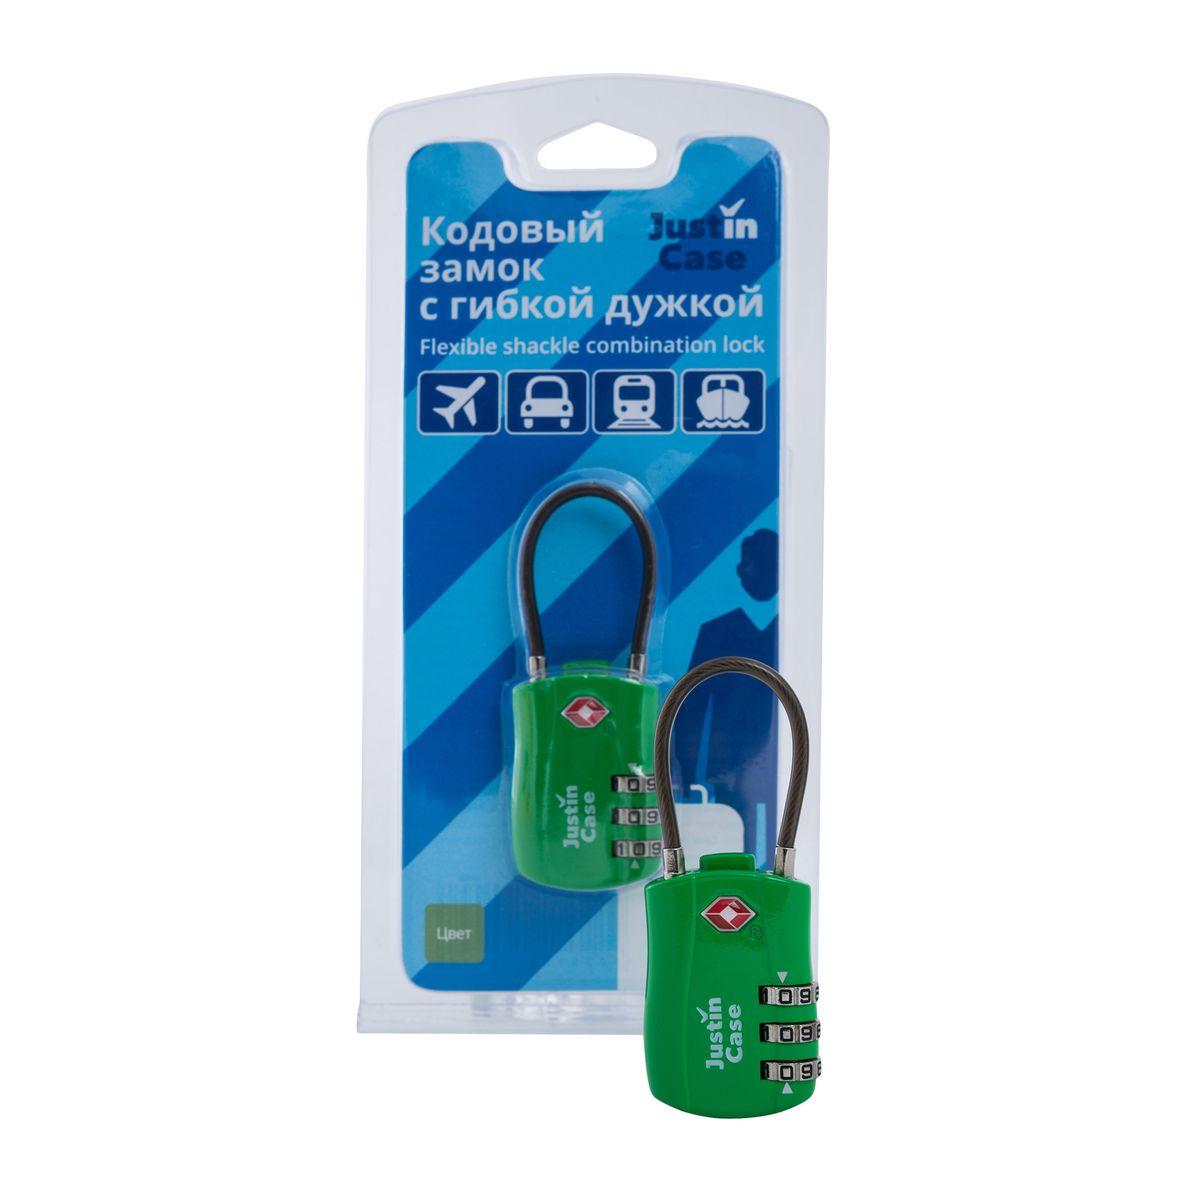 Замок кодовыйс JustinCase 3-Dial Lock TSA, с гибкой дужкой, цвет: зеленыйA5104GRКодовый замок для багажа JustinCase 3-Dial Lock TSA с гибкой дужкой надежно защитит ваш чемодан. Прочный корпус из цинкового сплава гарантирует долговечность, а кодовый механизм позволяет установить свою собственную секретную комбинацию. Гибкая дужка обеспечивает удобную фиксацию замка на багаже. Замок одобрен TSA, что означает, что он может быть открыт специальными службами аэропорта без нанесения повреждений.